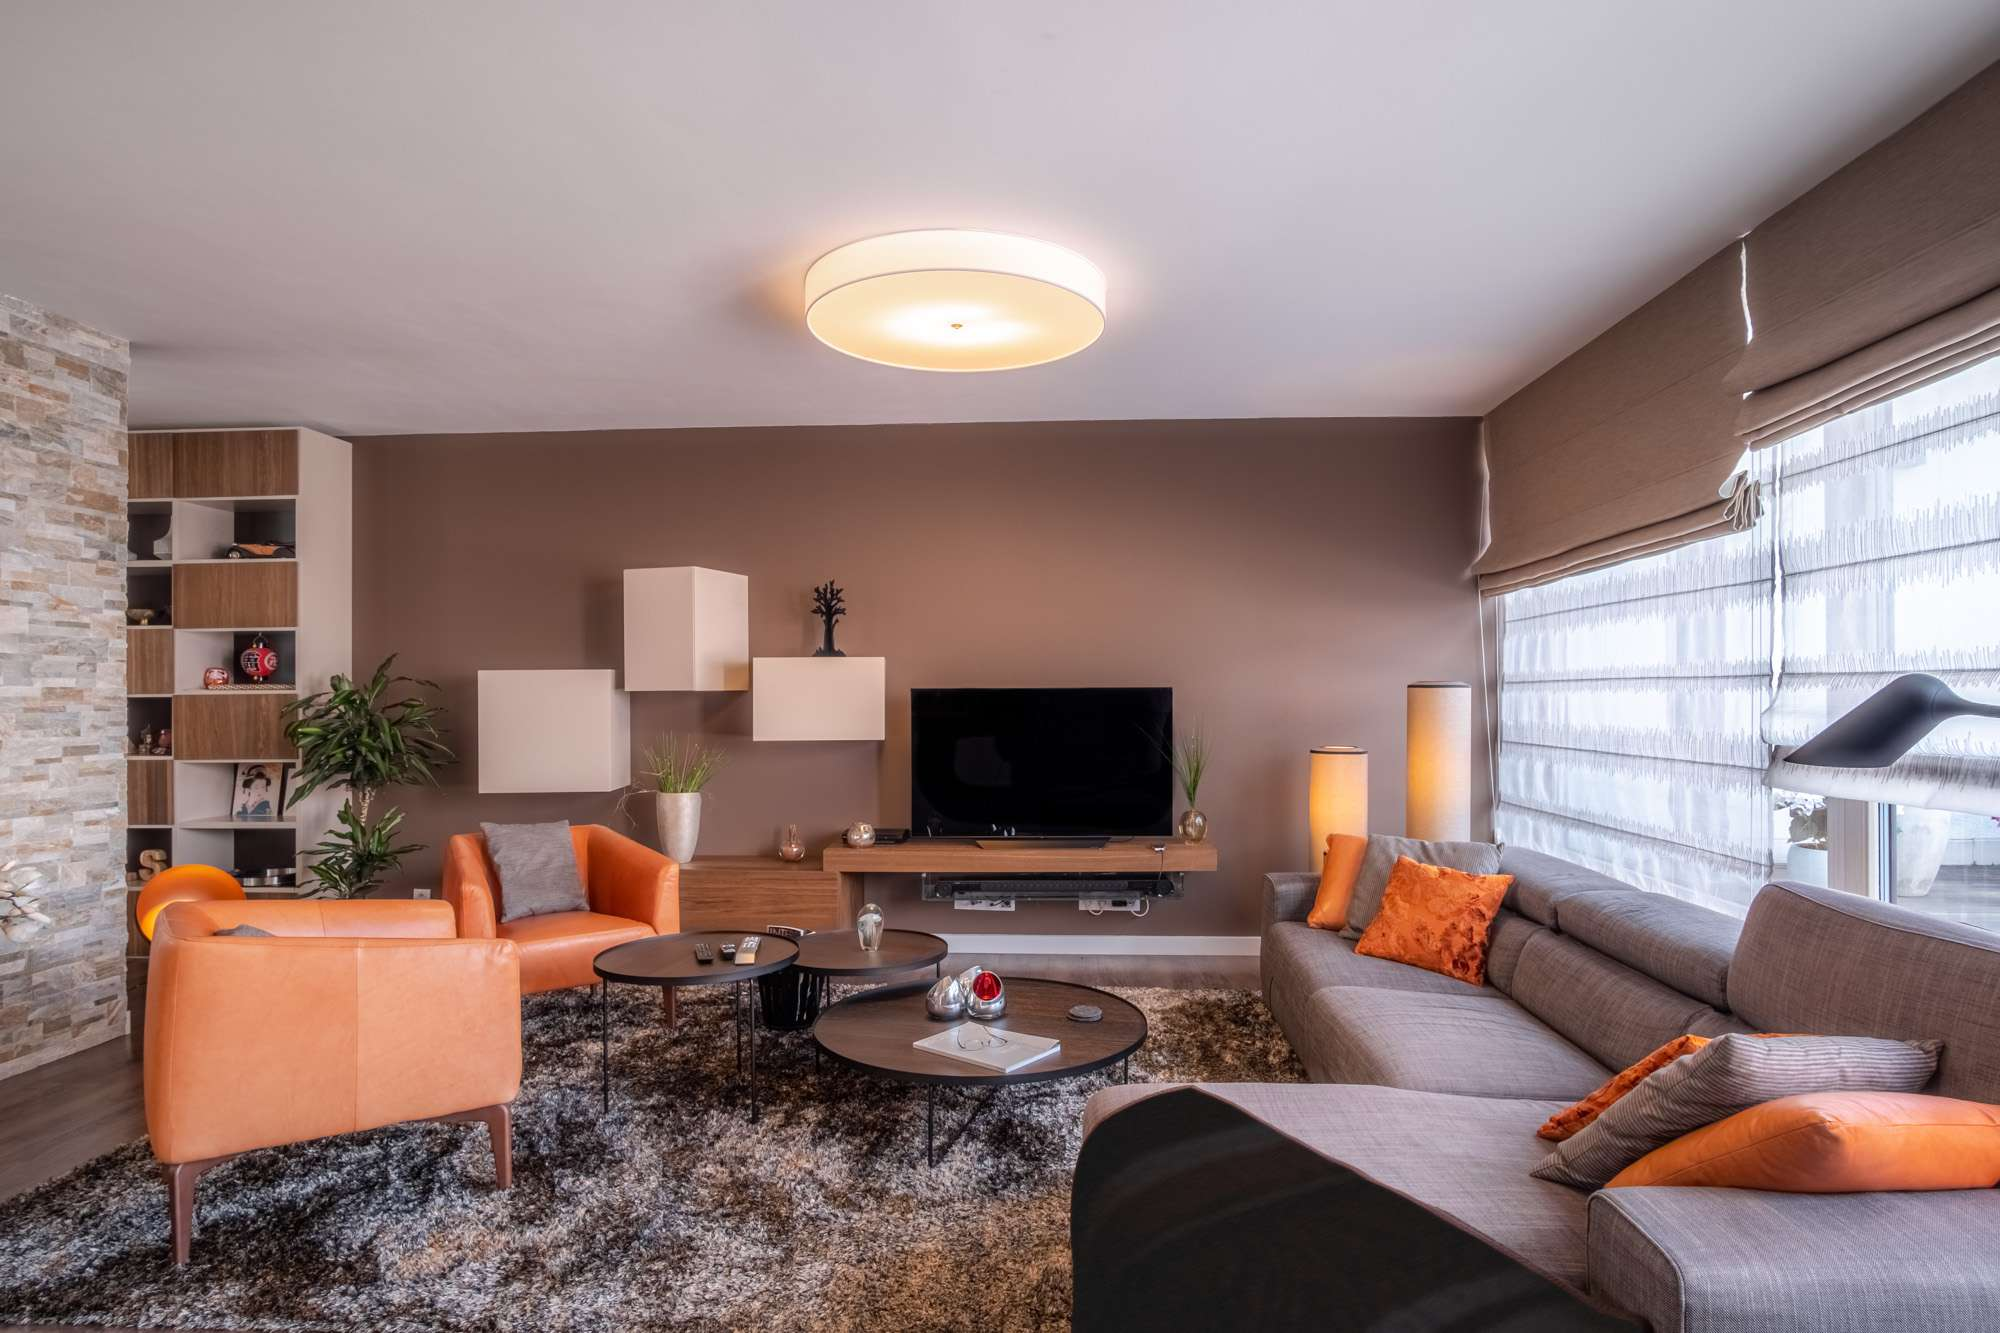 Luxusní obývací pokoj | Návrh interiéru DECOLAND